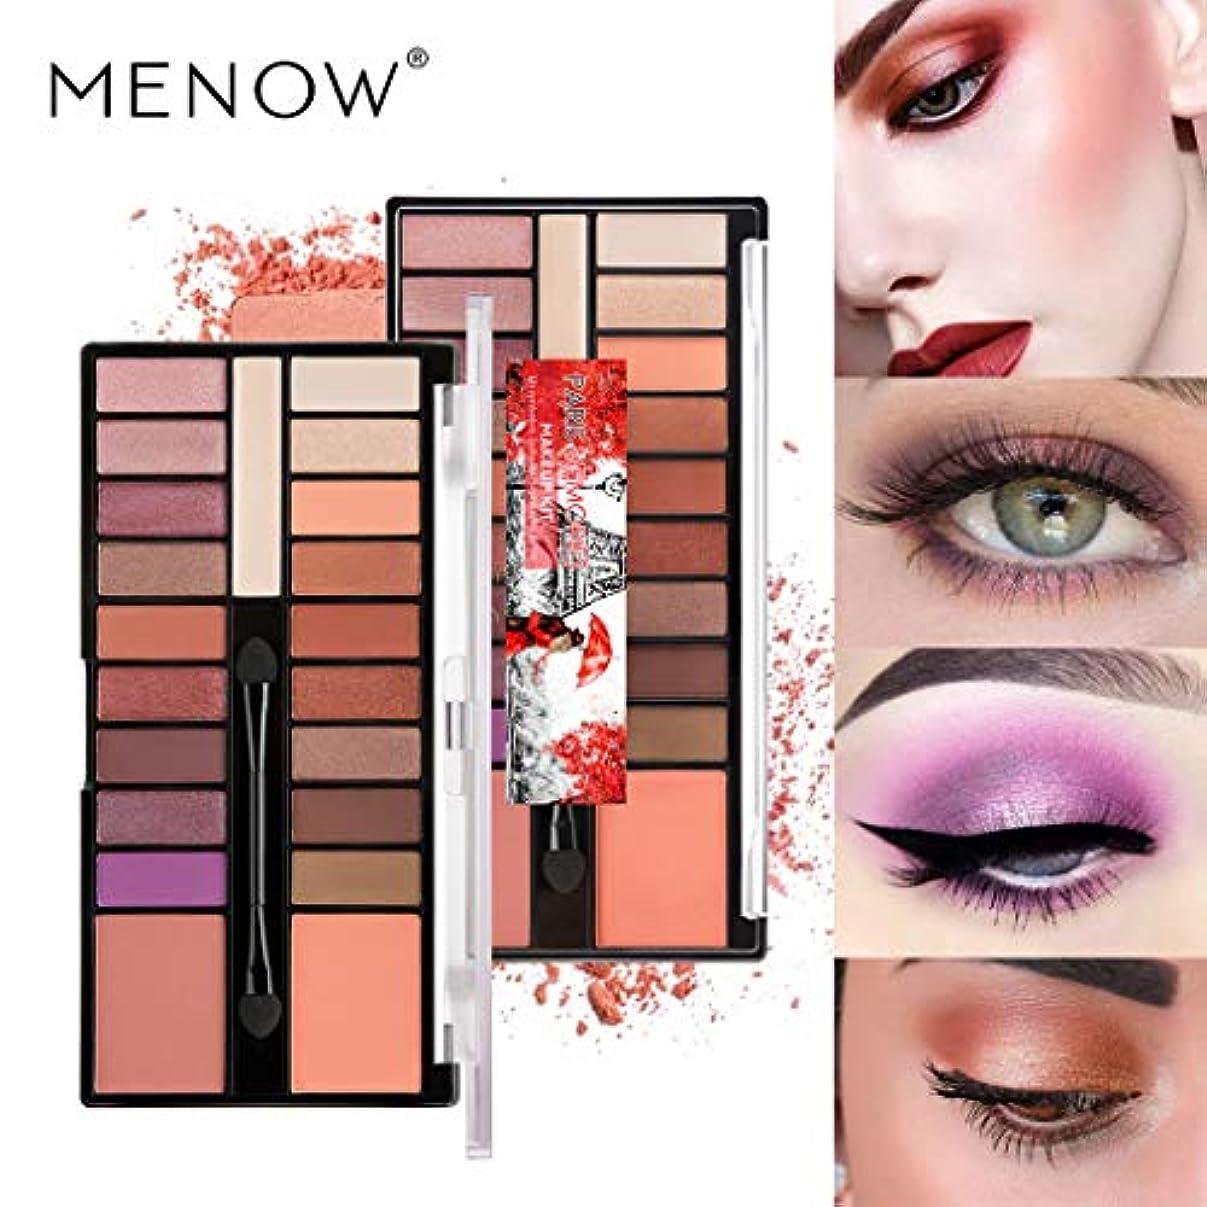 あらゆる種類の原点アクセサリーAkane アイシャドウパレット MENOW ファッション キラキラ プロ 魅力的 綺麗 人気 長持ち マット チャーム おしゃれ 持ち便利 Eye Shadow (18色) K907